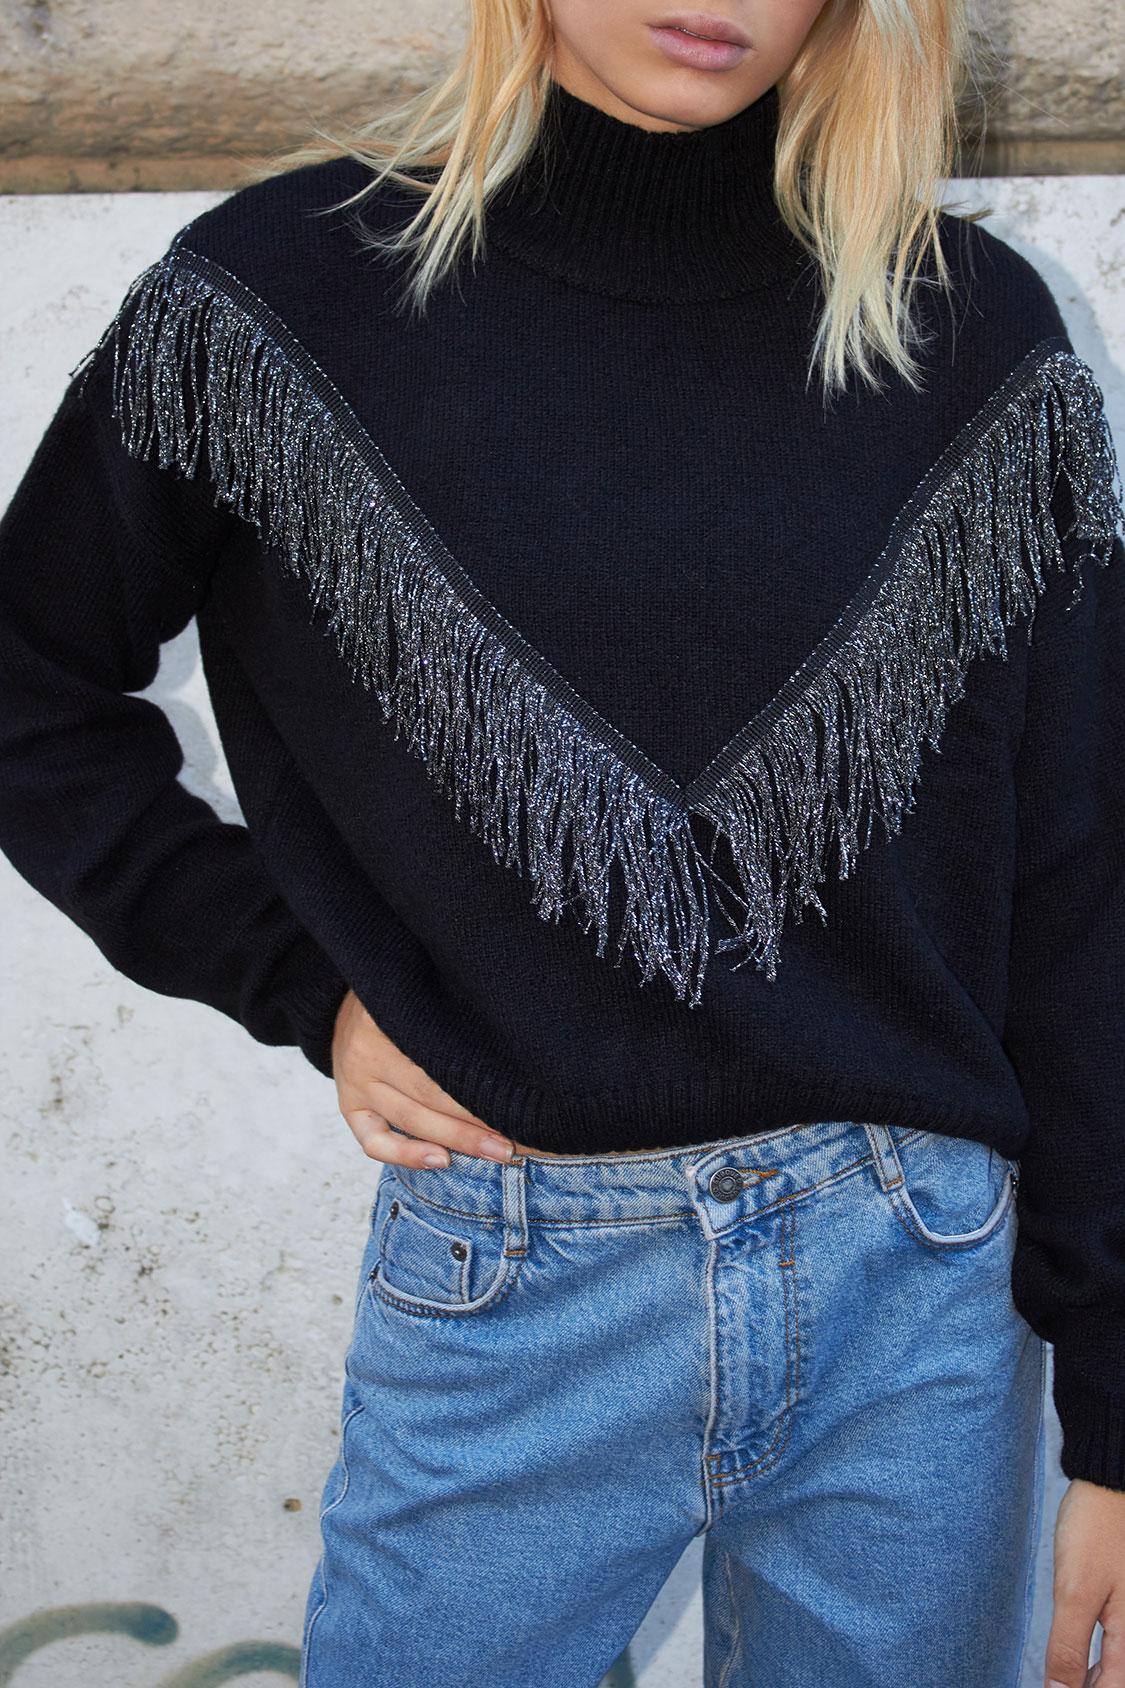 Fringed turtleneck sweater